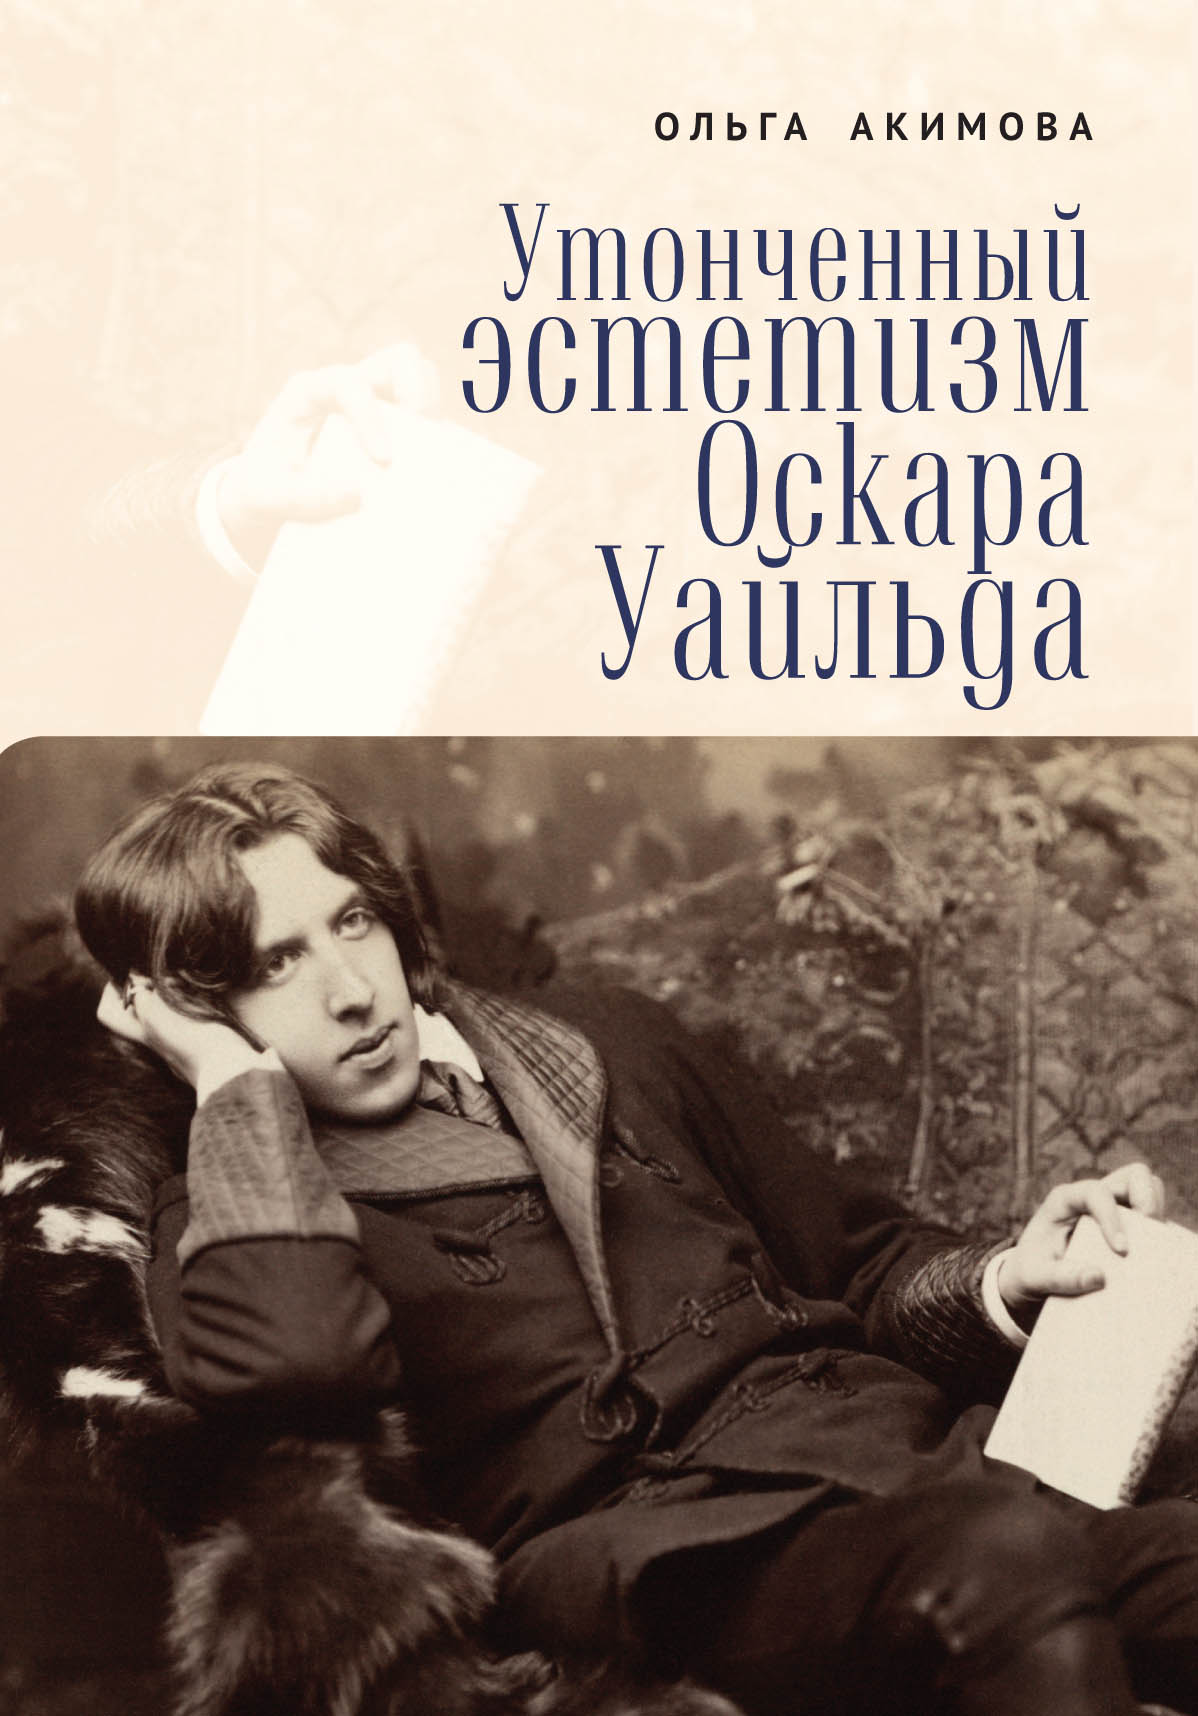 О. В. Акимова. Утонченный эстетизм Оскара Уайльда